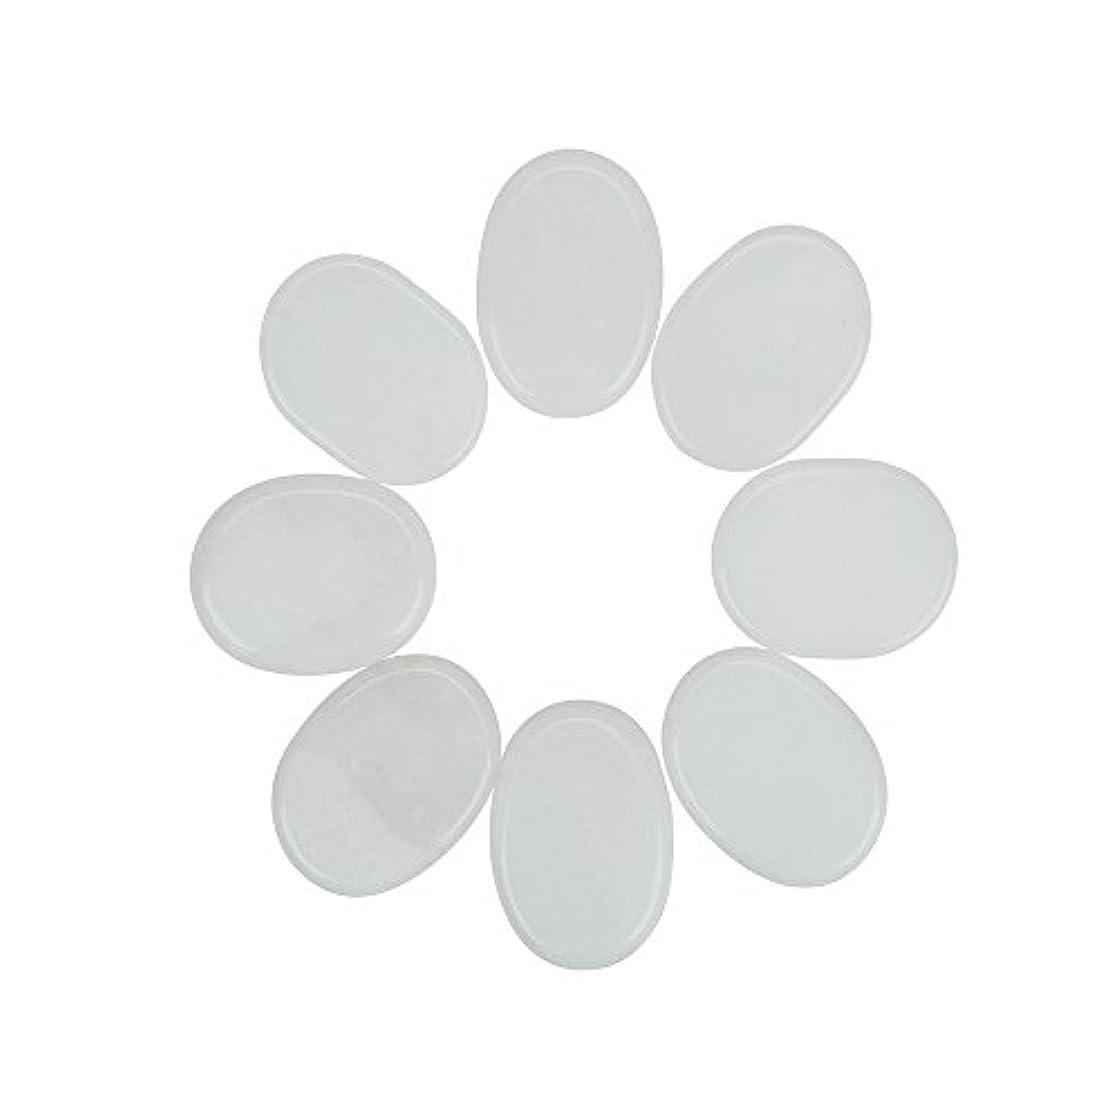 ハンマー熱心申し立てられたWindfulogo 8個入りホットマッサージストーンセットナチュラルジェイドスパマッサージ用ウォームストーンホットホワイト1.18 x 1.57 in(3x4cm)